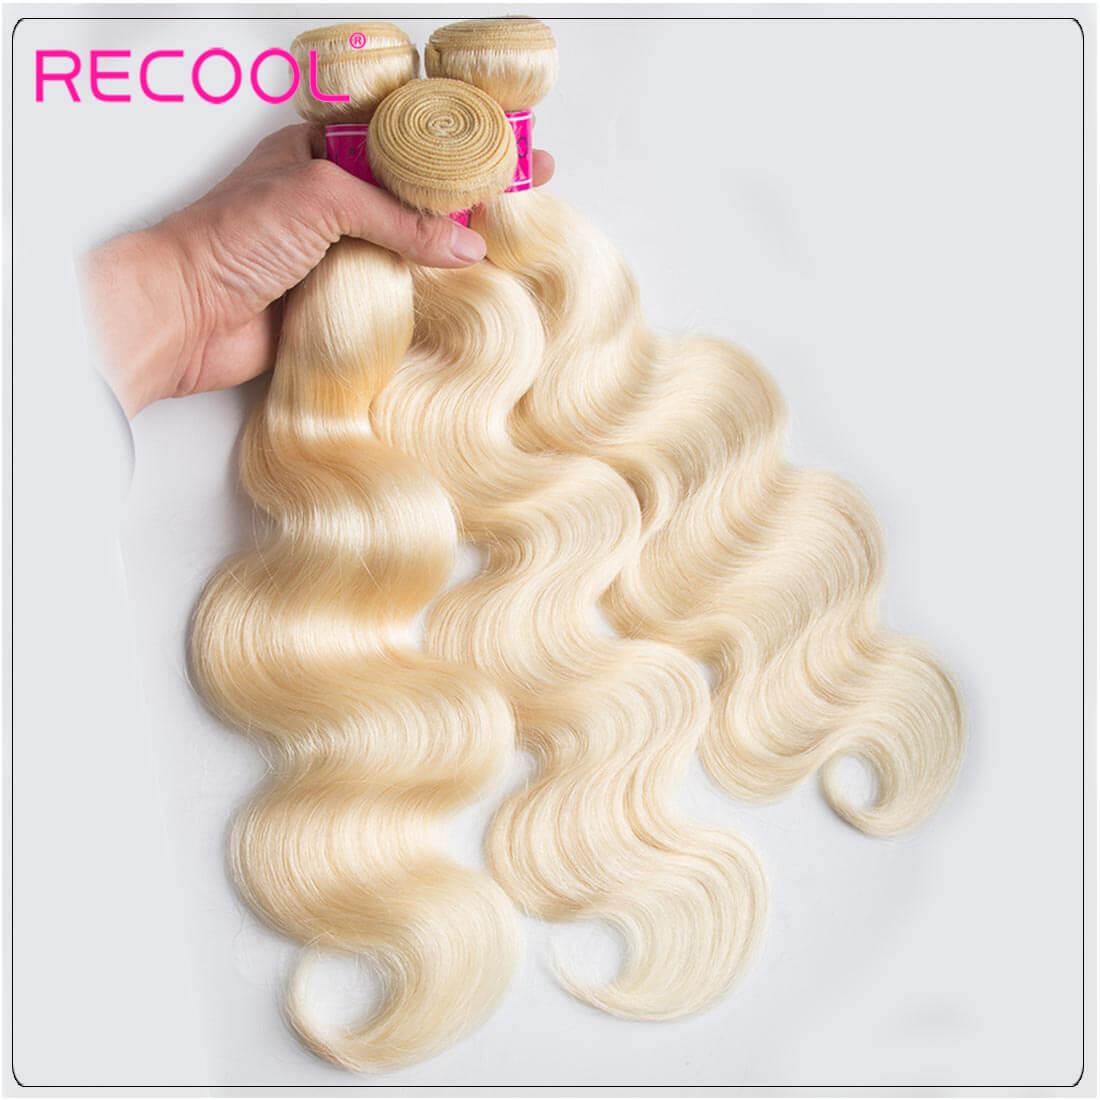 Blonde Hair Bundles 613 Virgin Hair Body Wave, 100% Virgin Blonde Human Hair Weave Body Wave Bundles 1